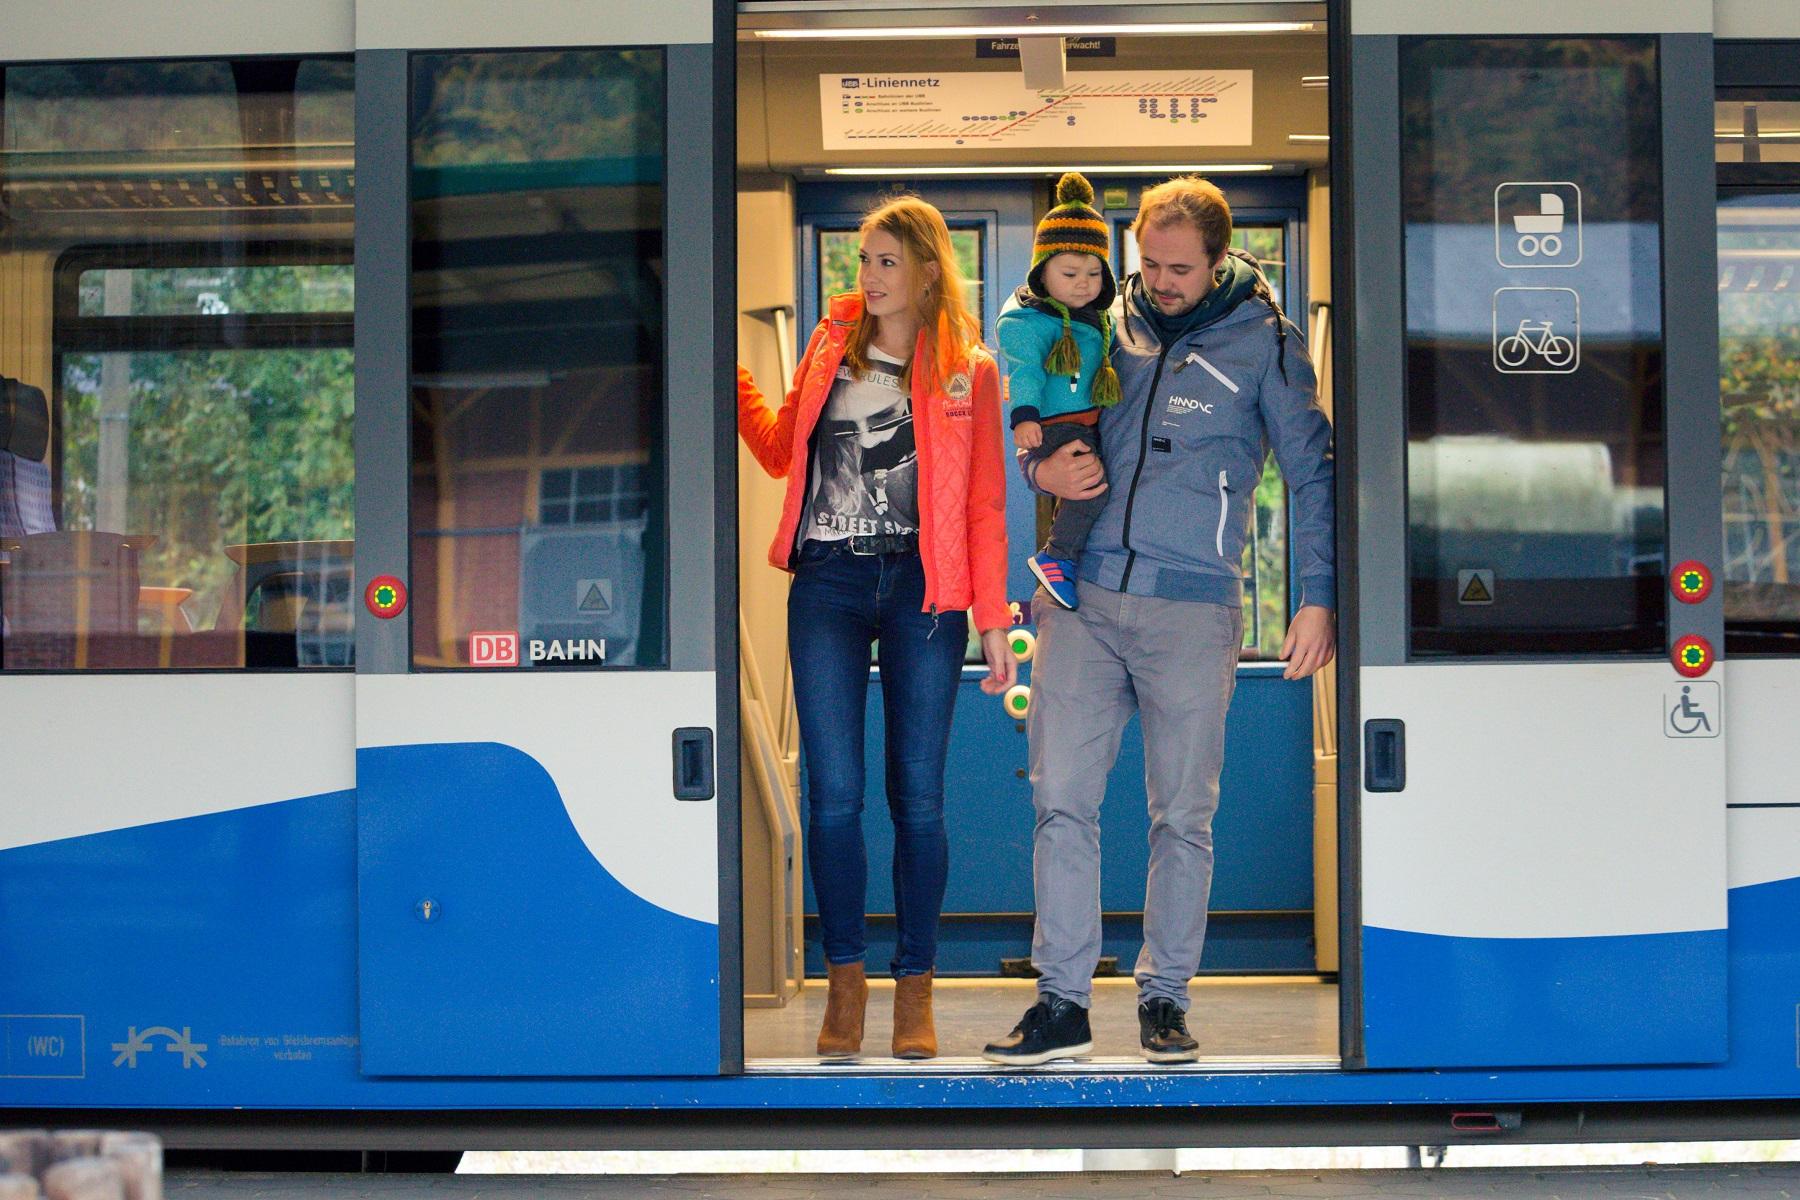 Familie mit Kind steigt aus der Bahn aus.